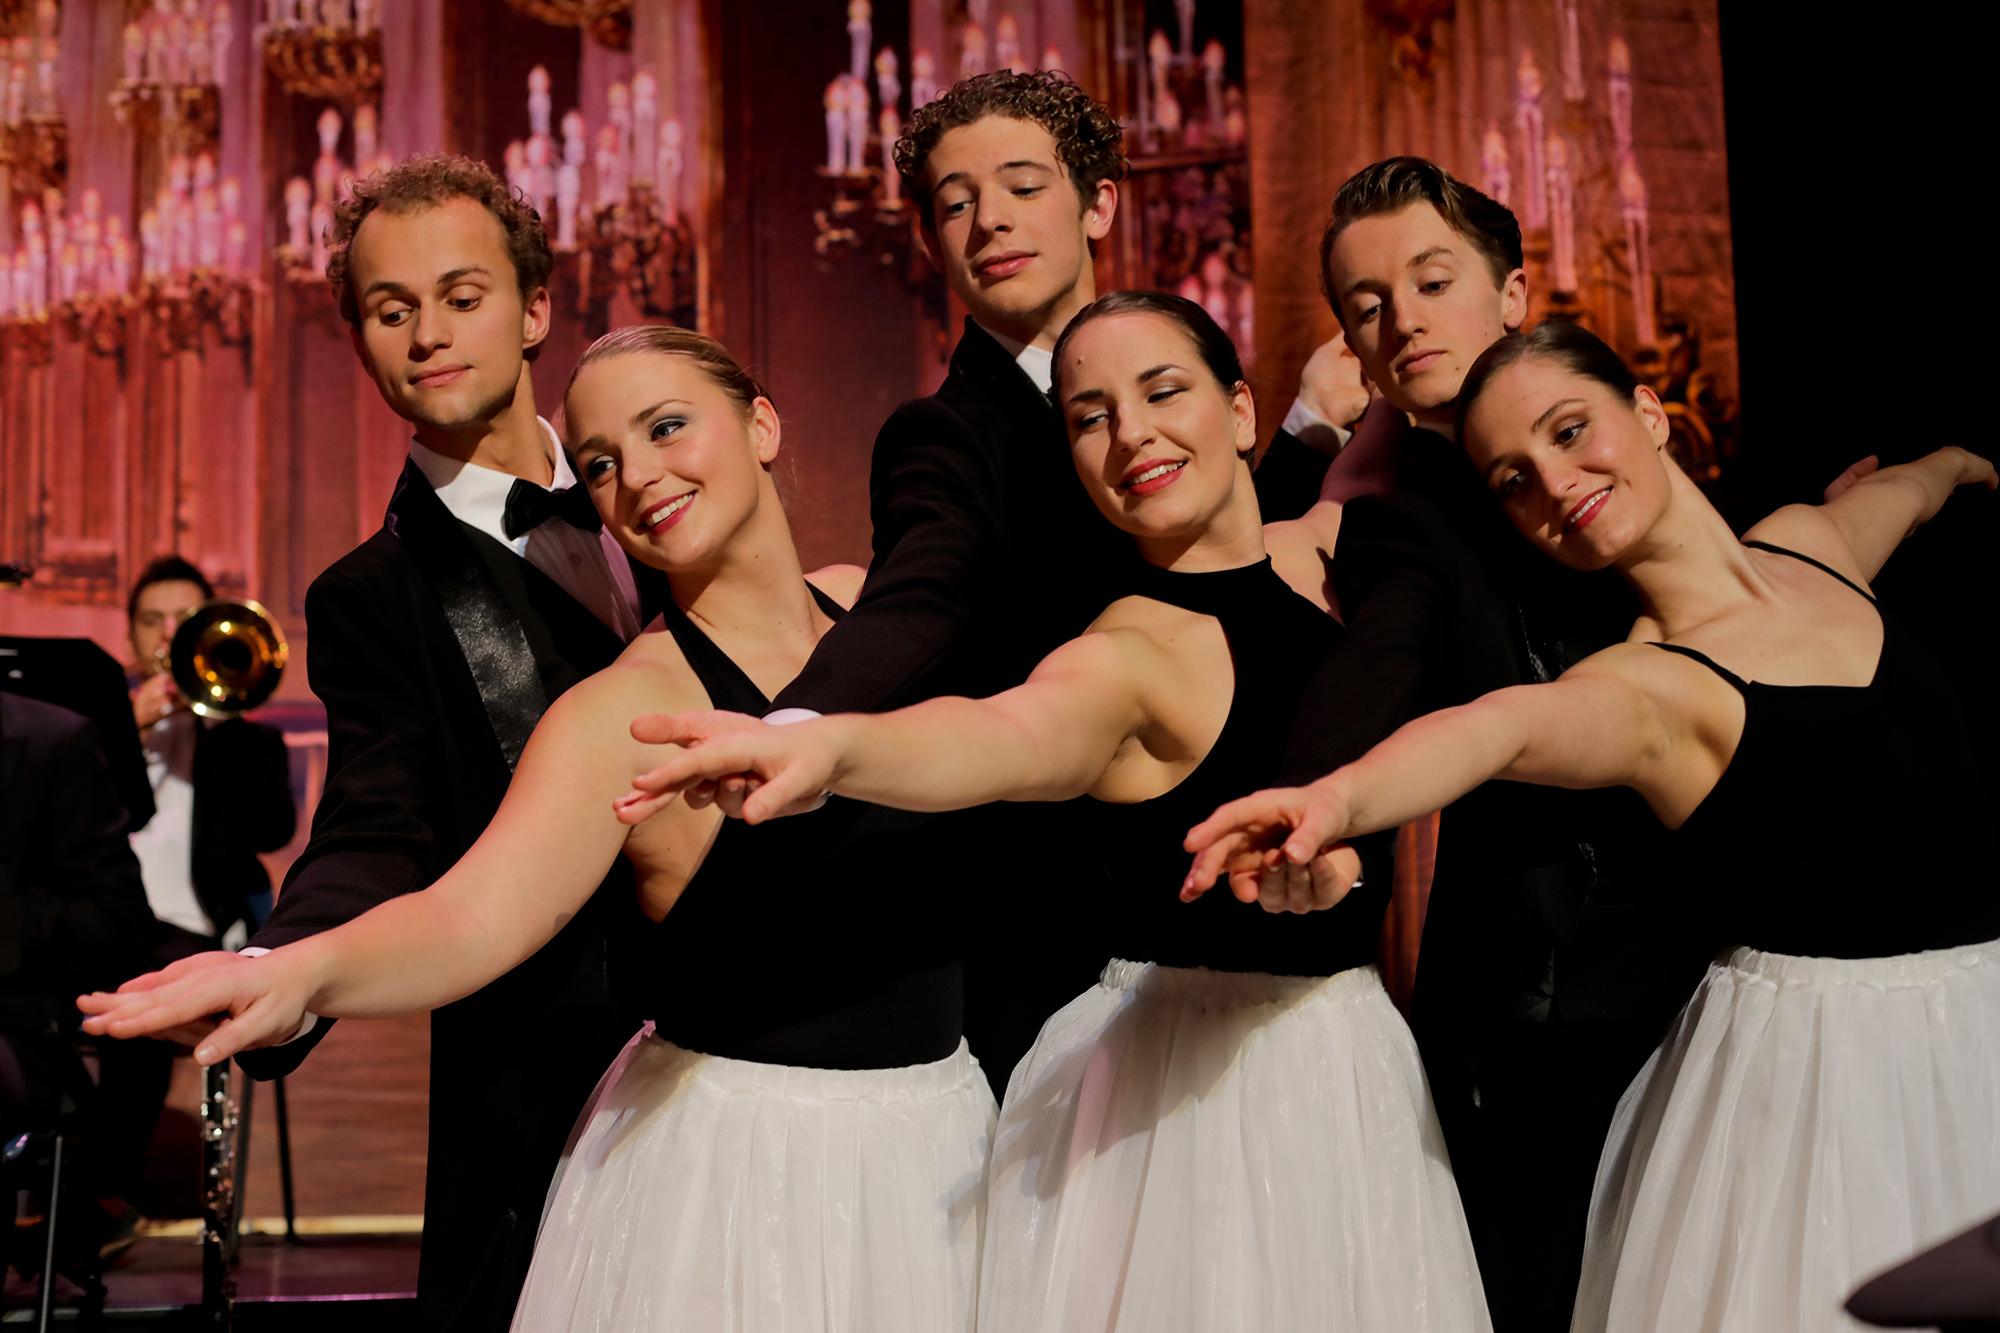 Winter in Wien 2019-2020 - Gregory, Lisa, Alexander, Lotte, Max en Malou